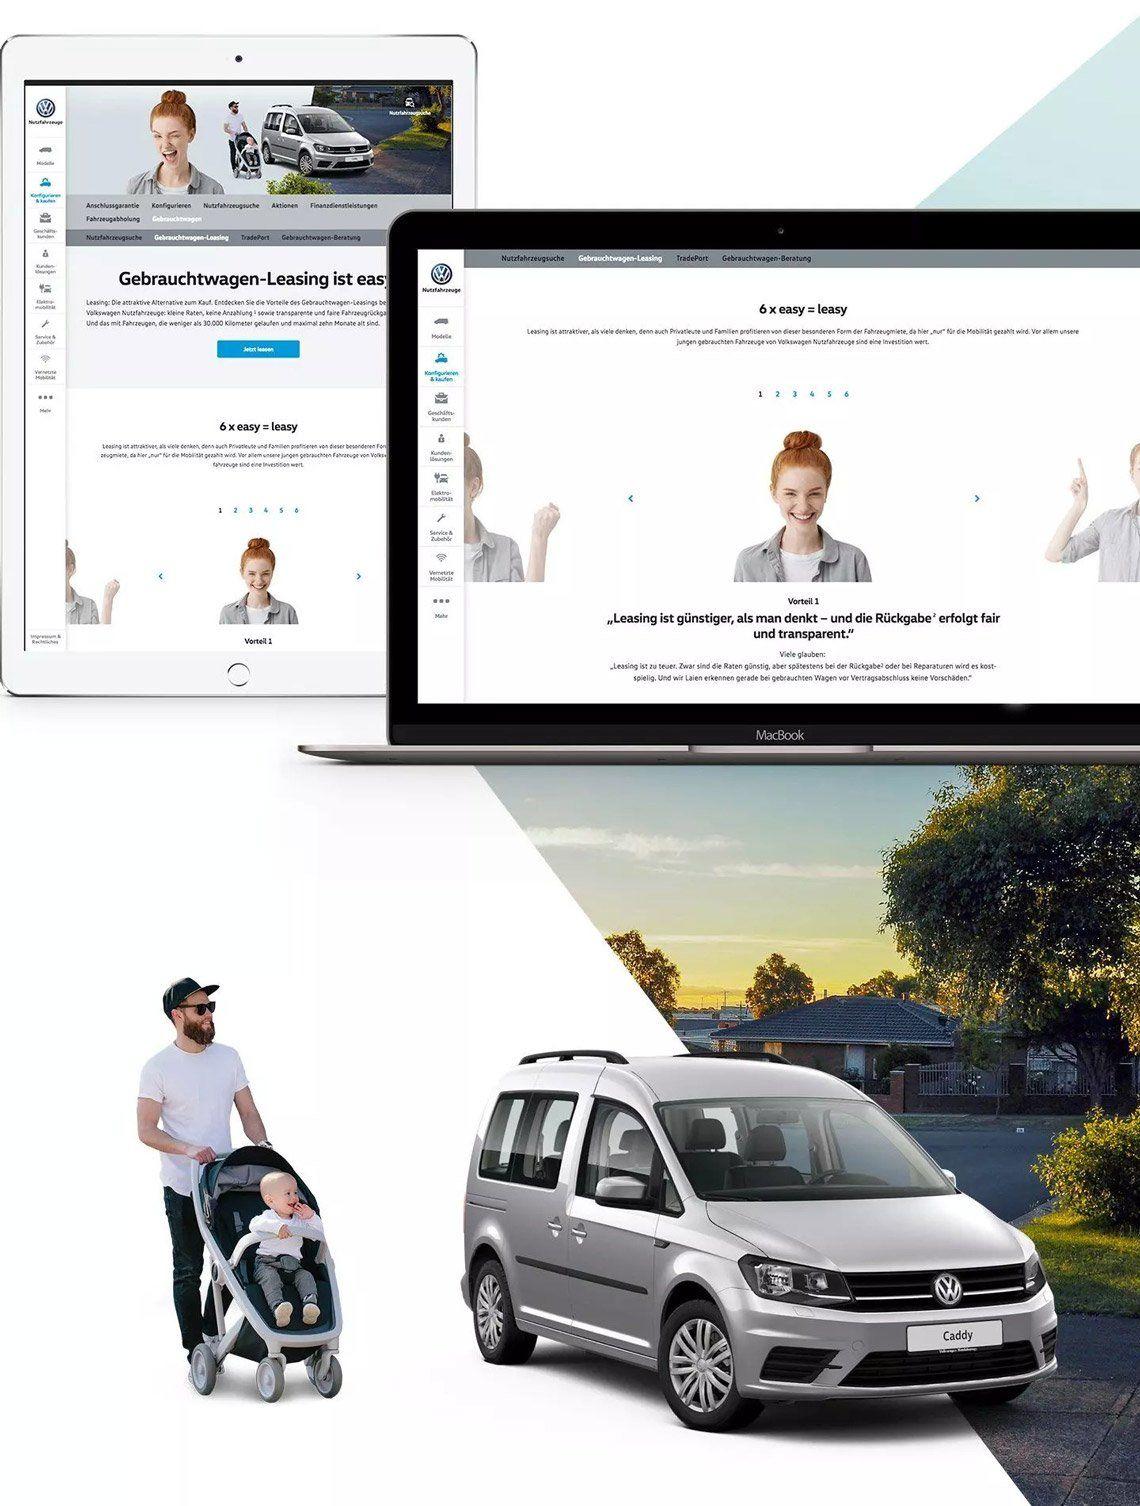 Übersicht der VGSG Gebrauchtwagen-Leasing Website auf verschiedenen Devices